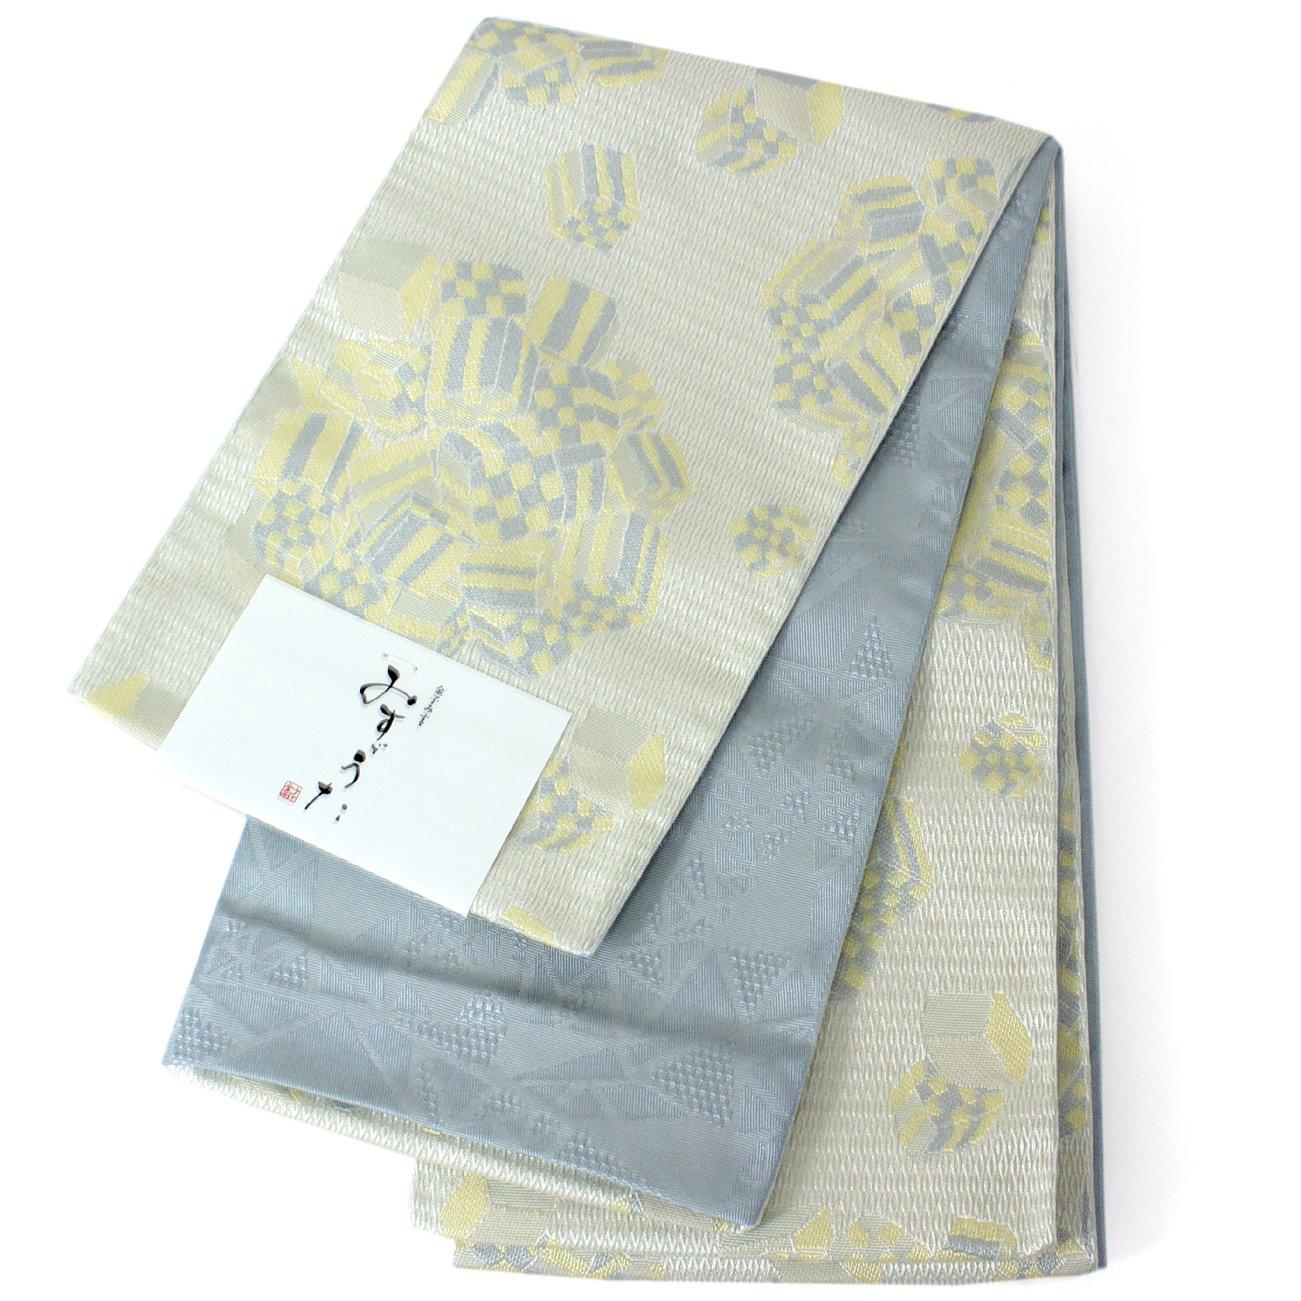 きもの京小町 帯 レディース 単品 みすゞ 半幅帯 浴衣 リバーシブル 長尺 金子みすゞ B07DMY1KMR 薄黄グレーサイコロ 薄黄グレーサイコロ